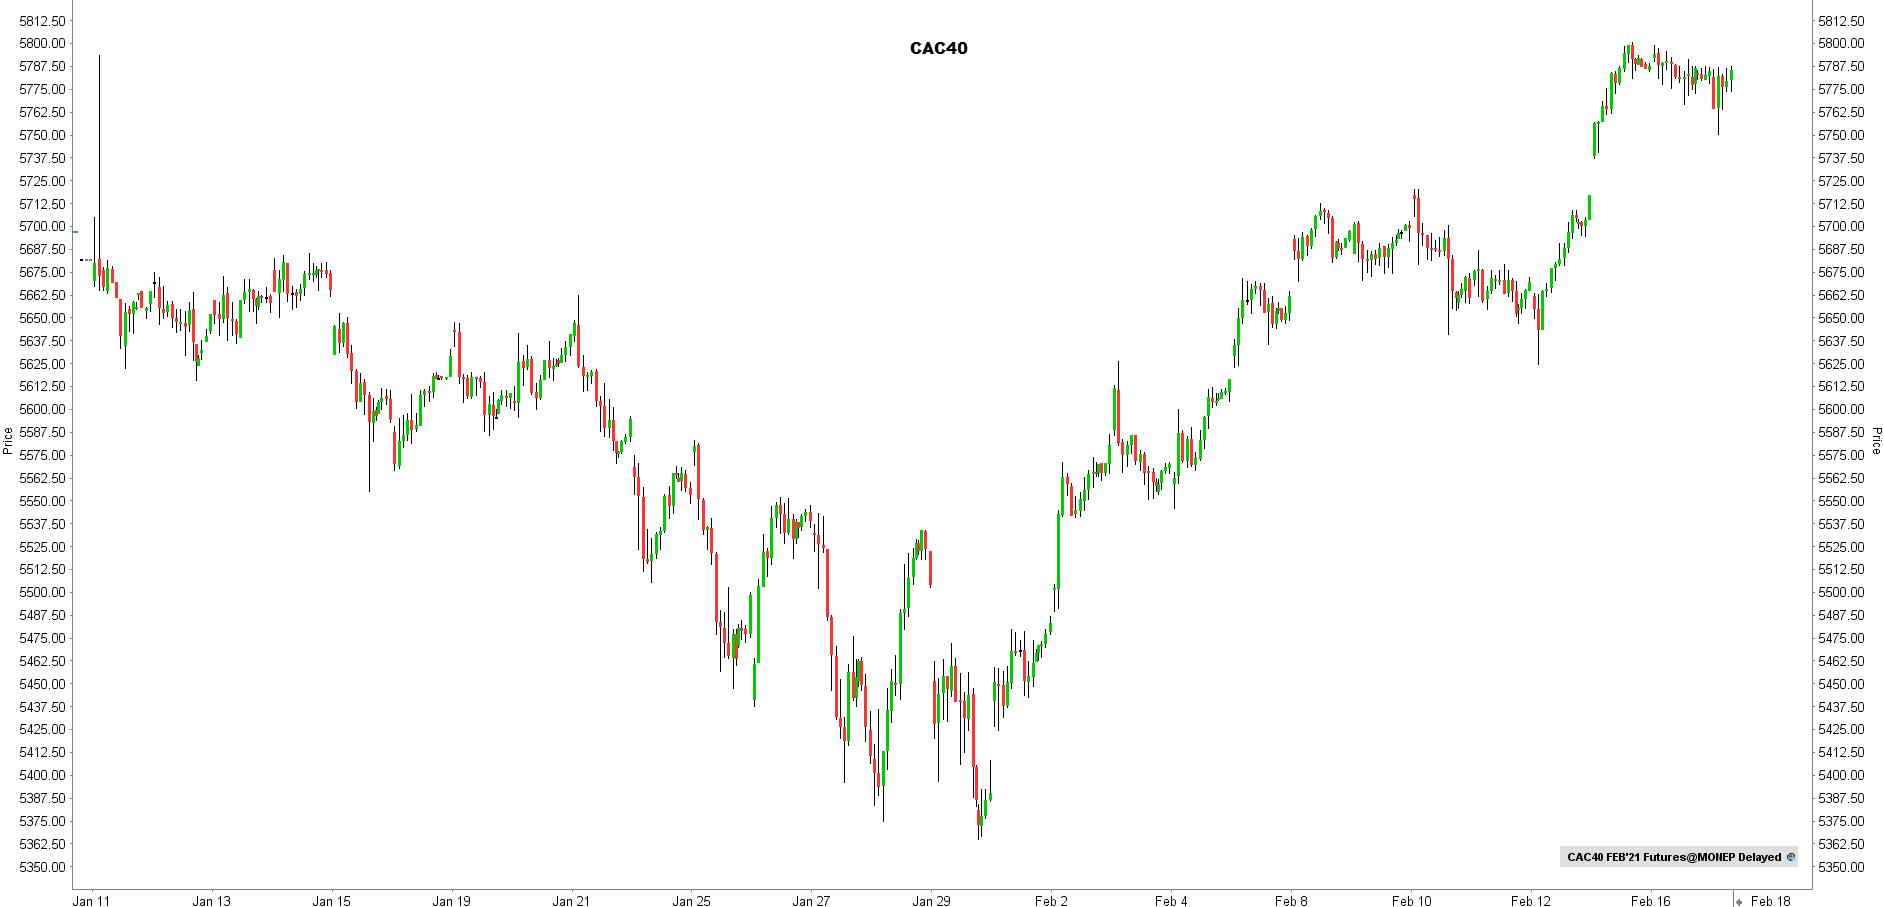 la chronique lynx broker 170221 - graphique CAC40